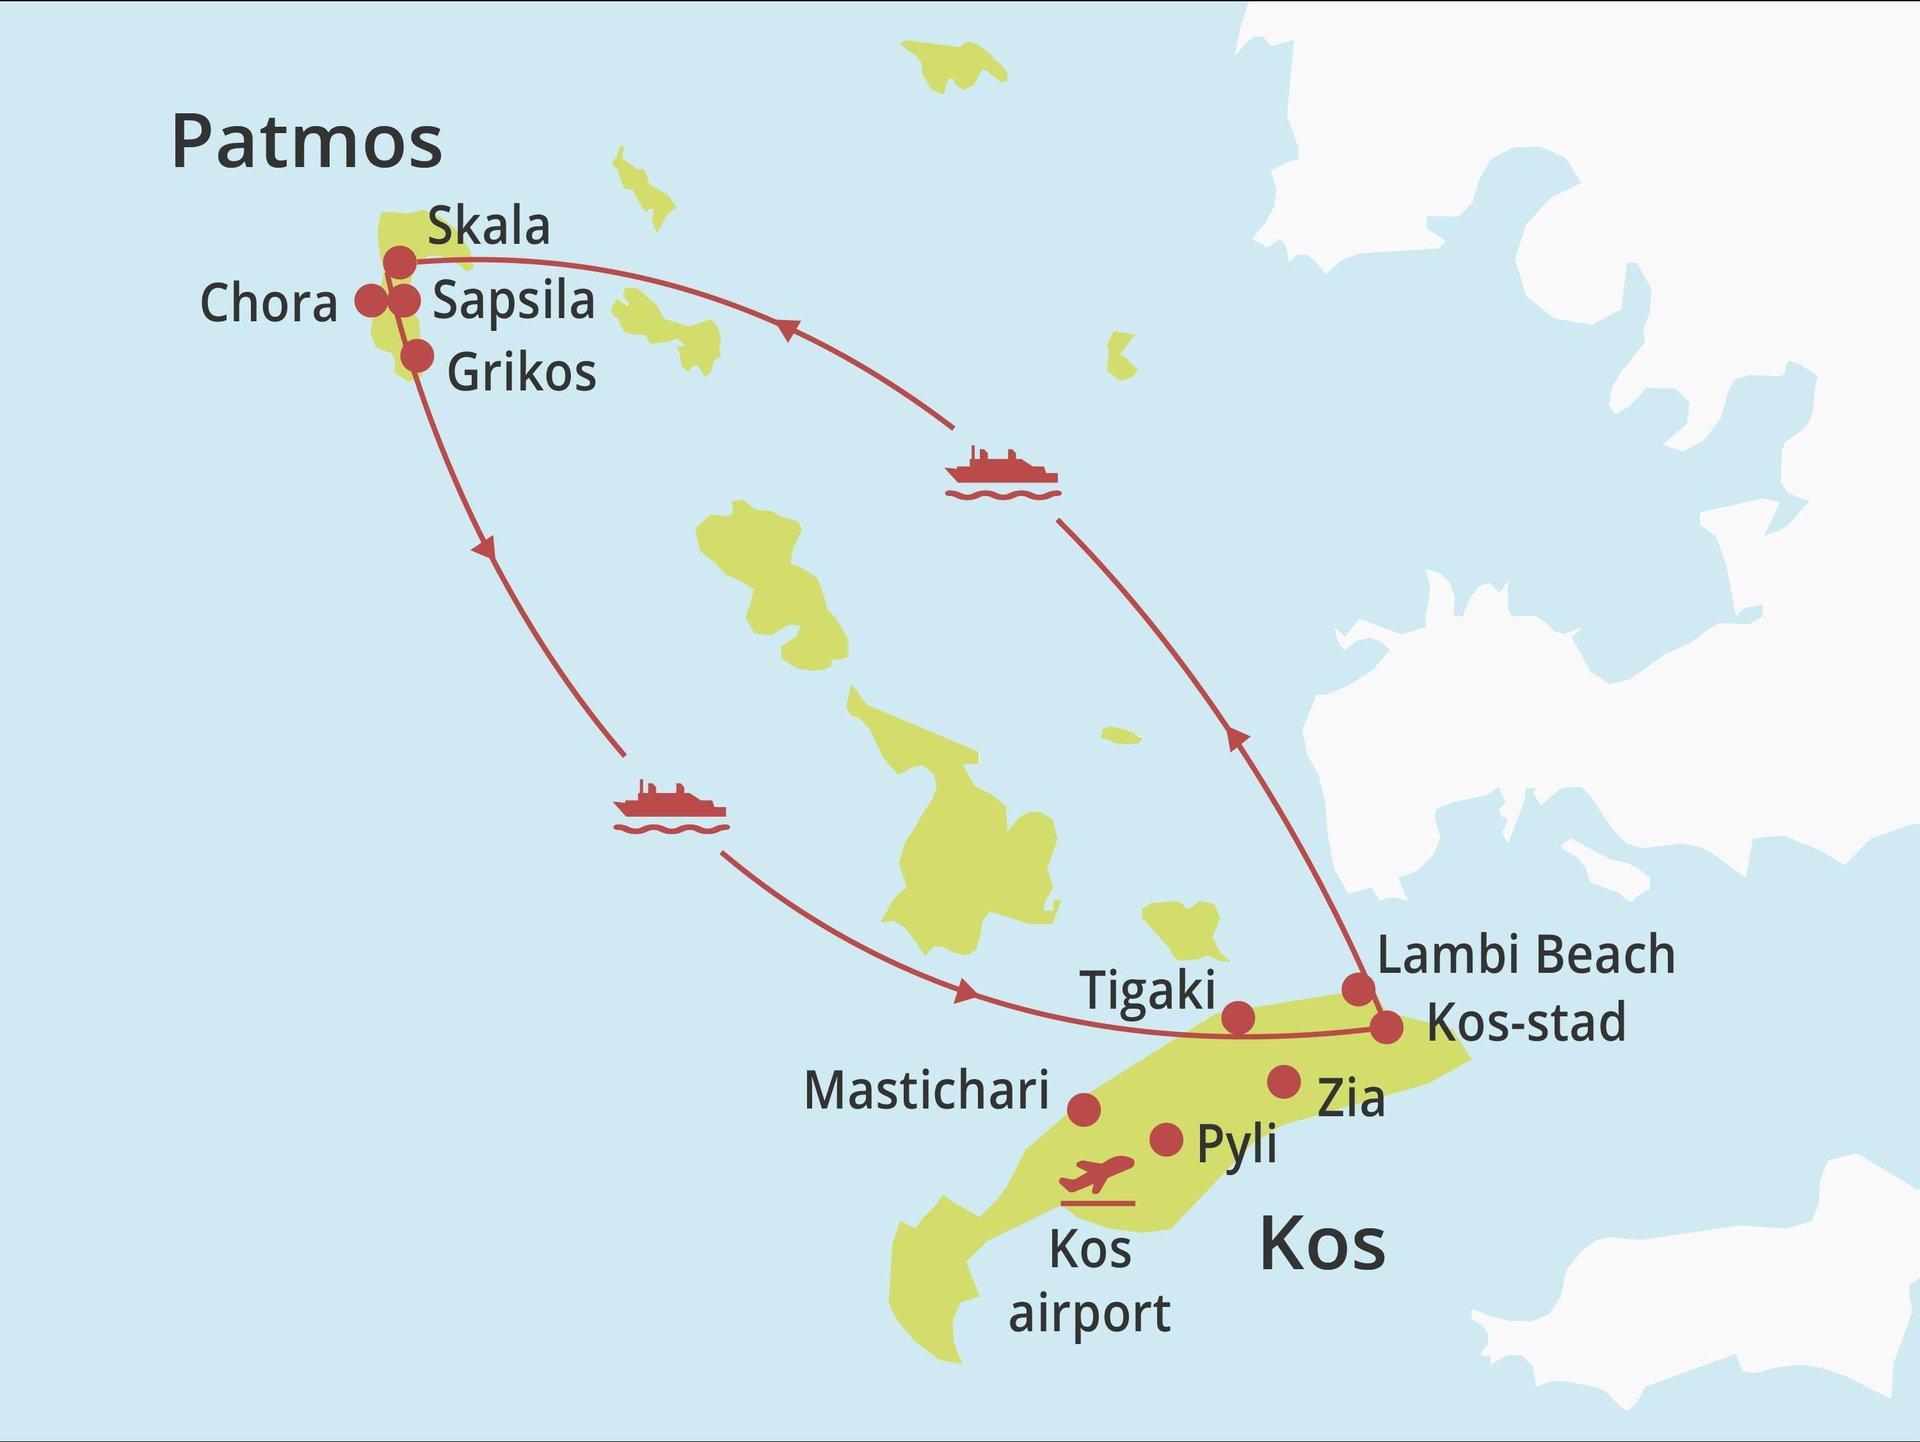 eilandhoppen Kos - Patmos